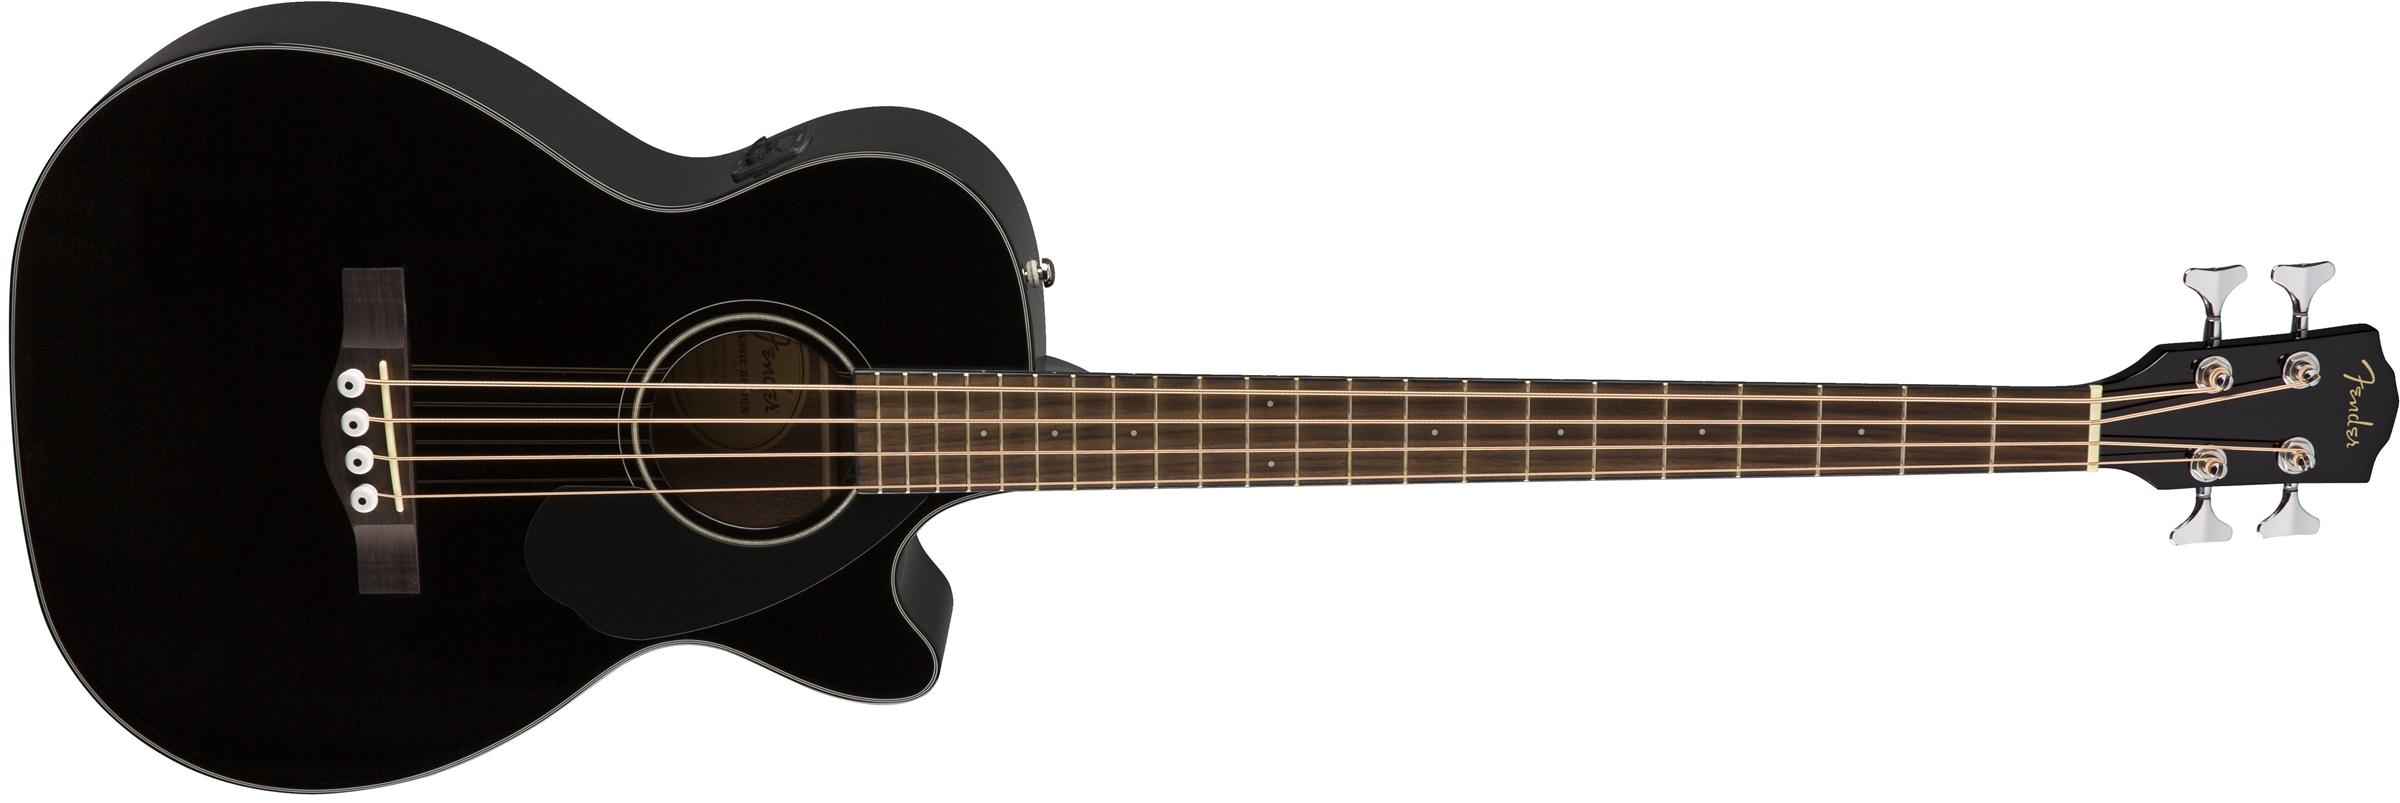 Yamaha Concert Guitar